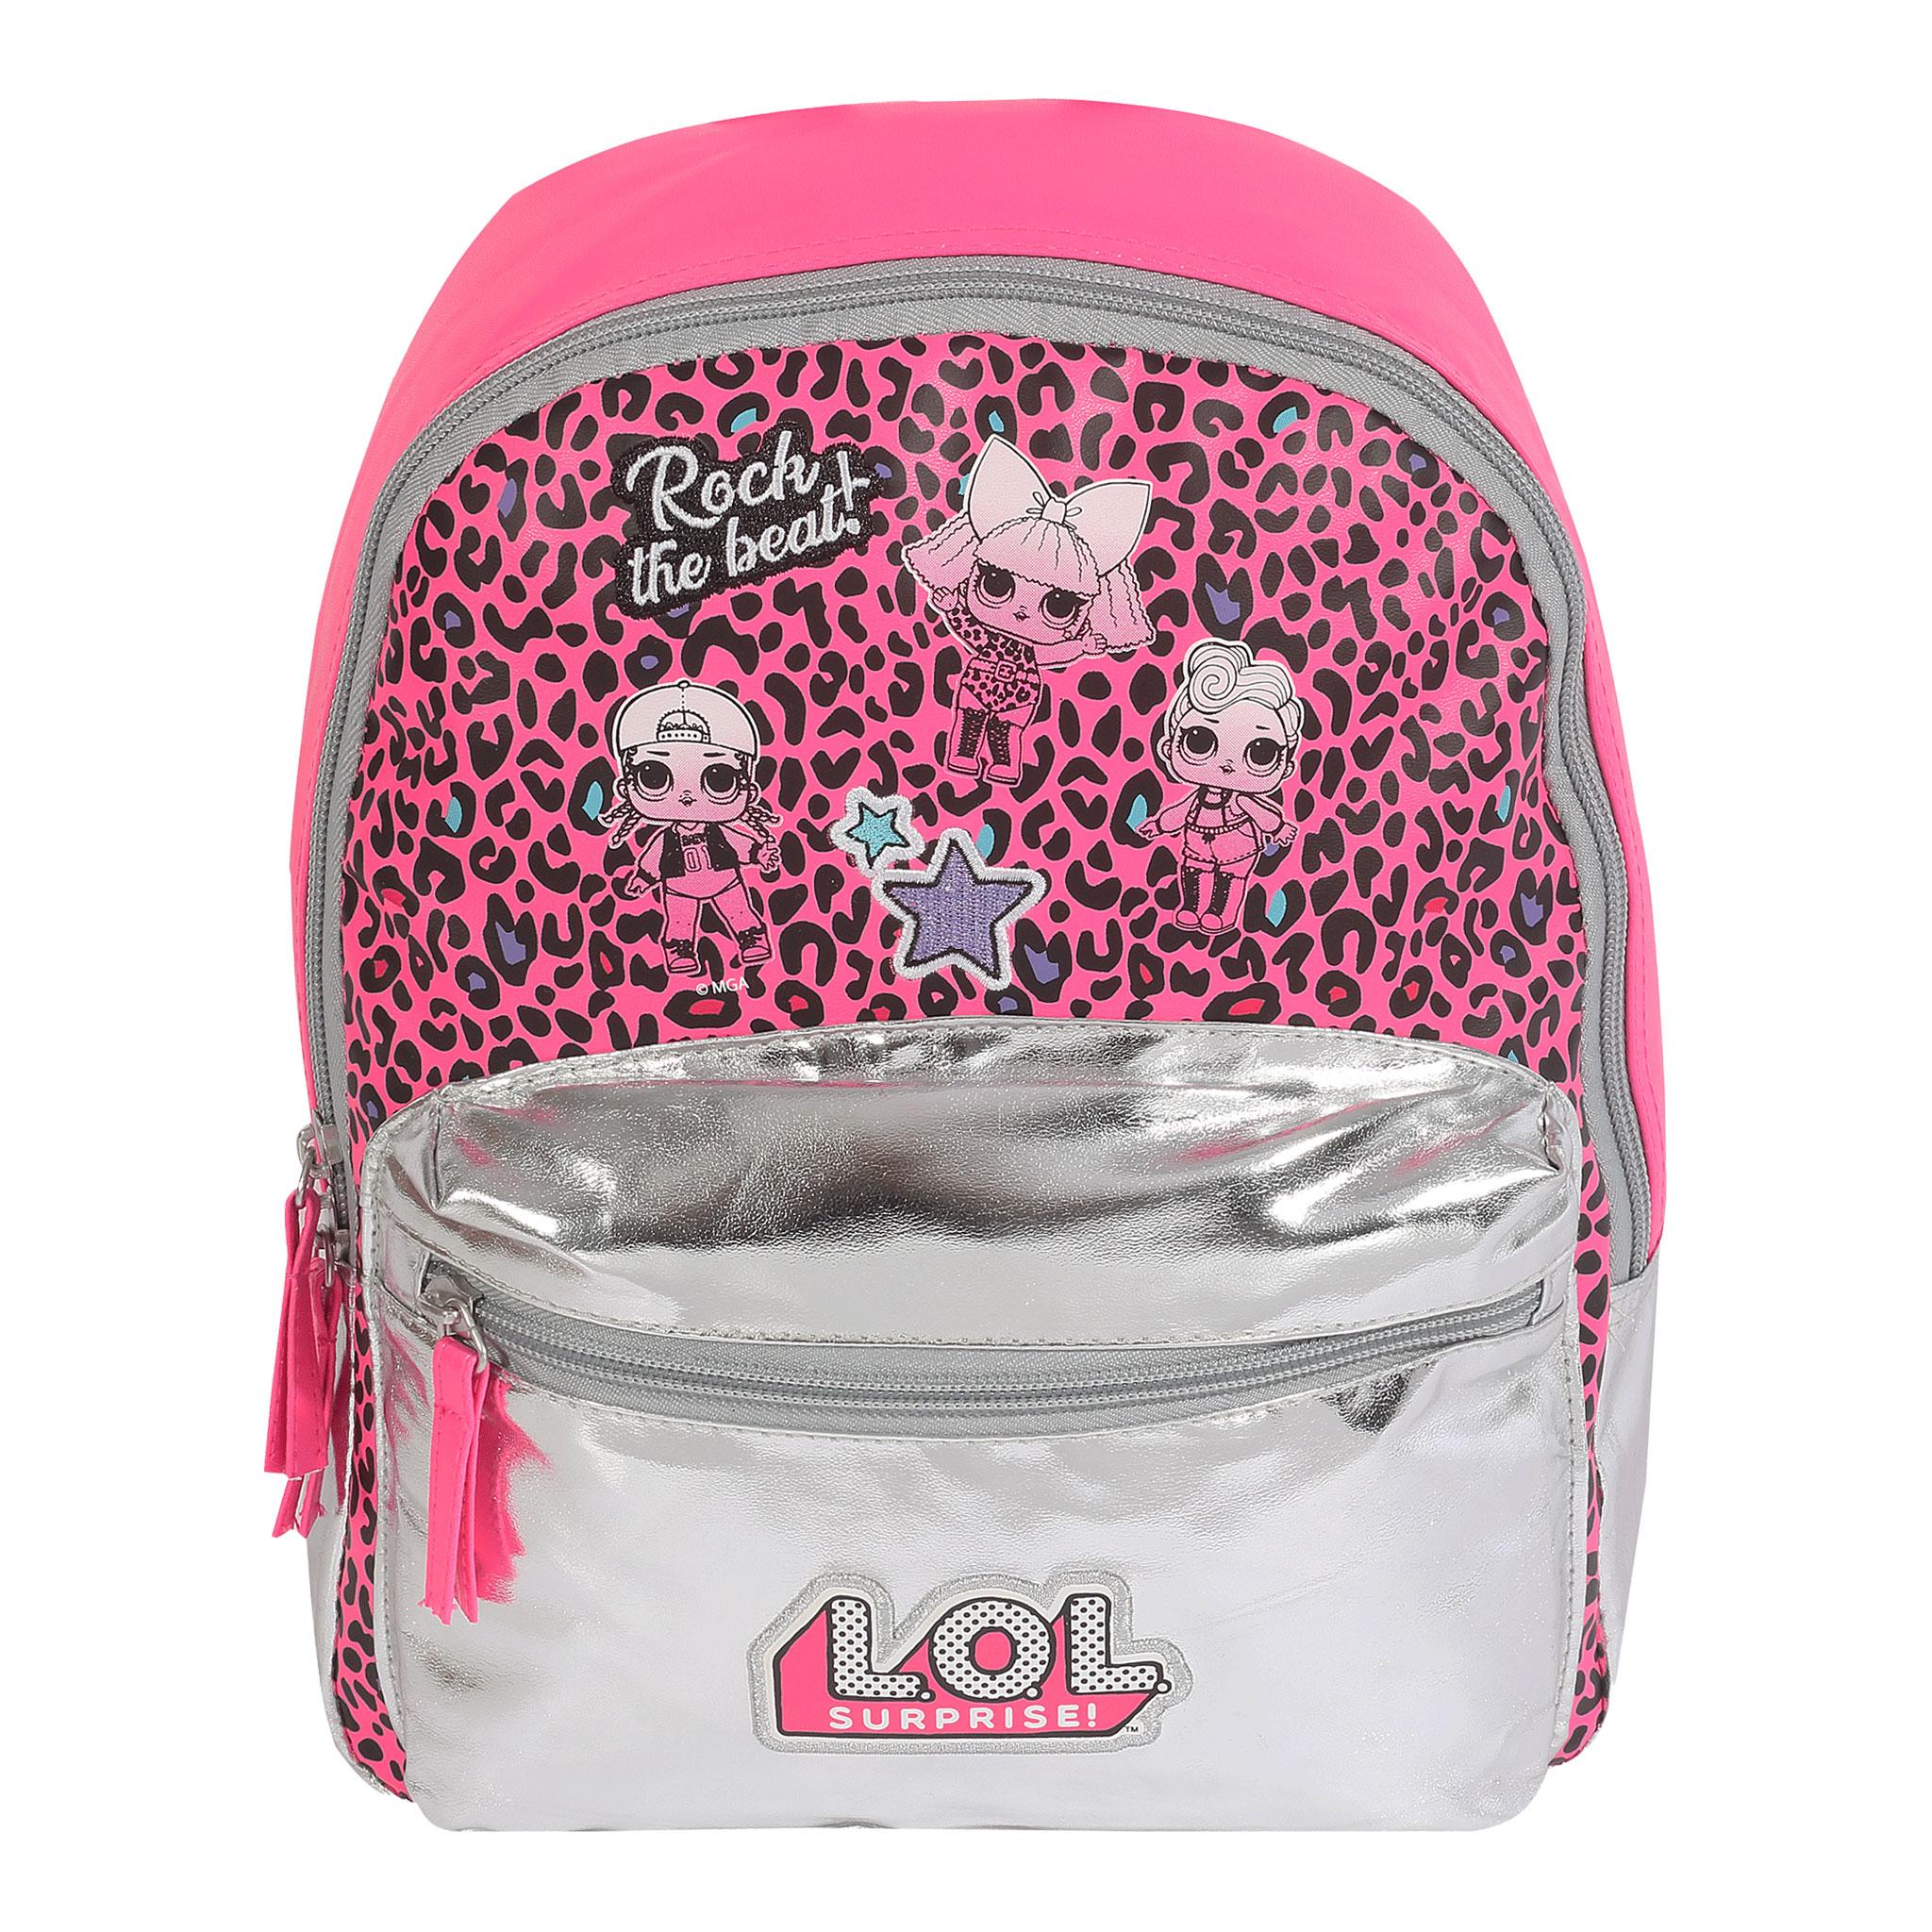 LOL Rock The Beat per Bambini Pieghevole Ombrello rosa per ragazze